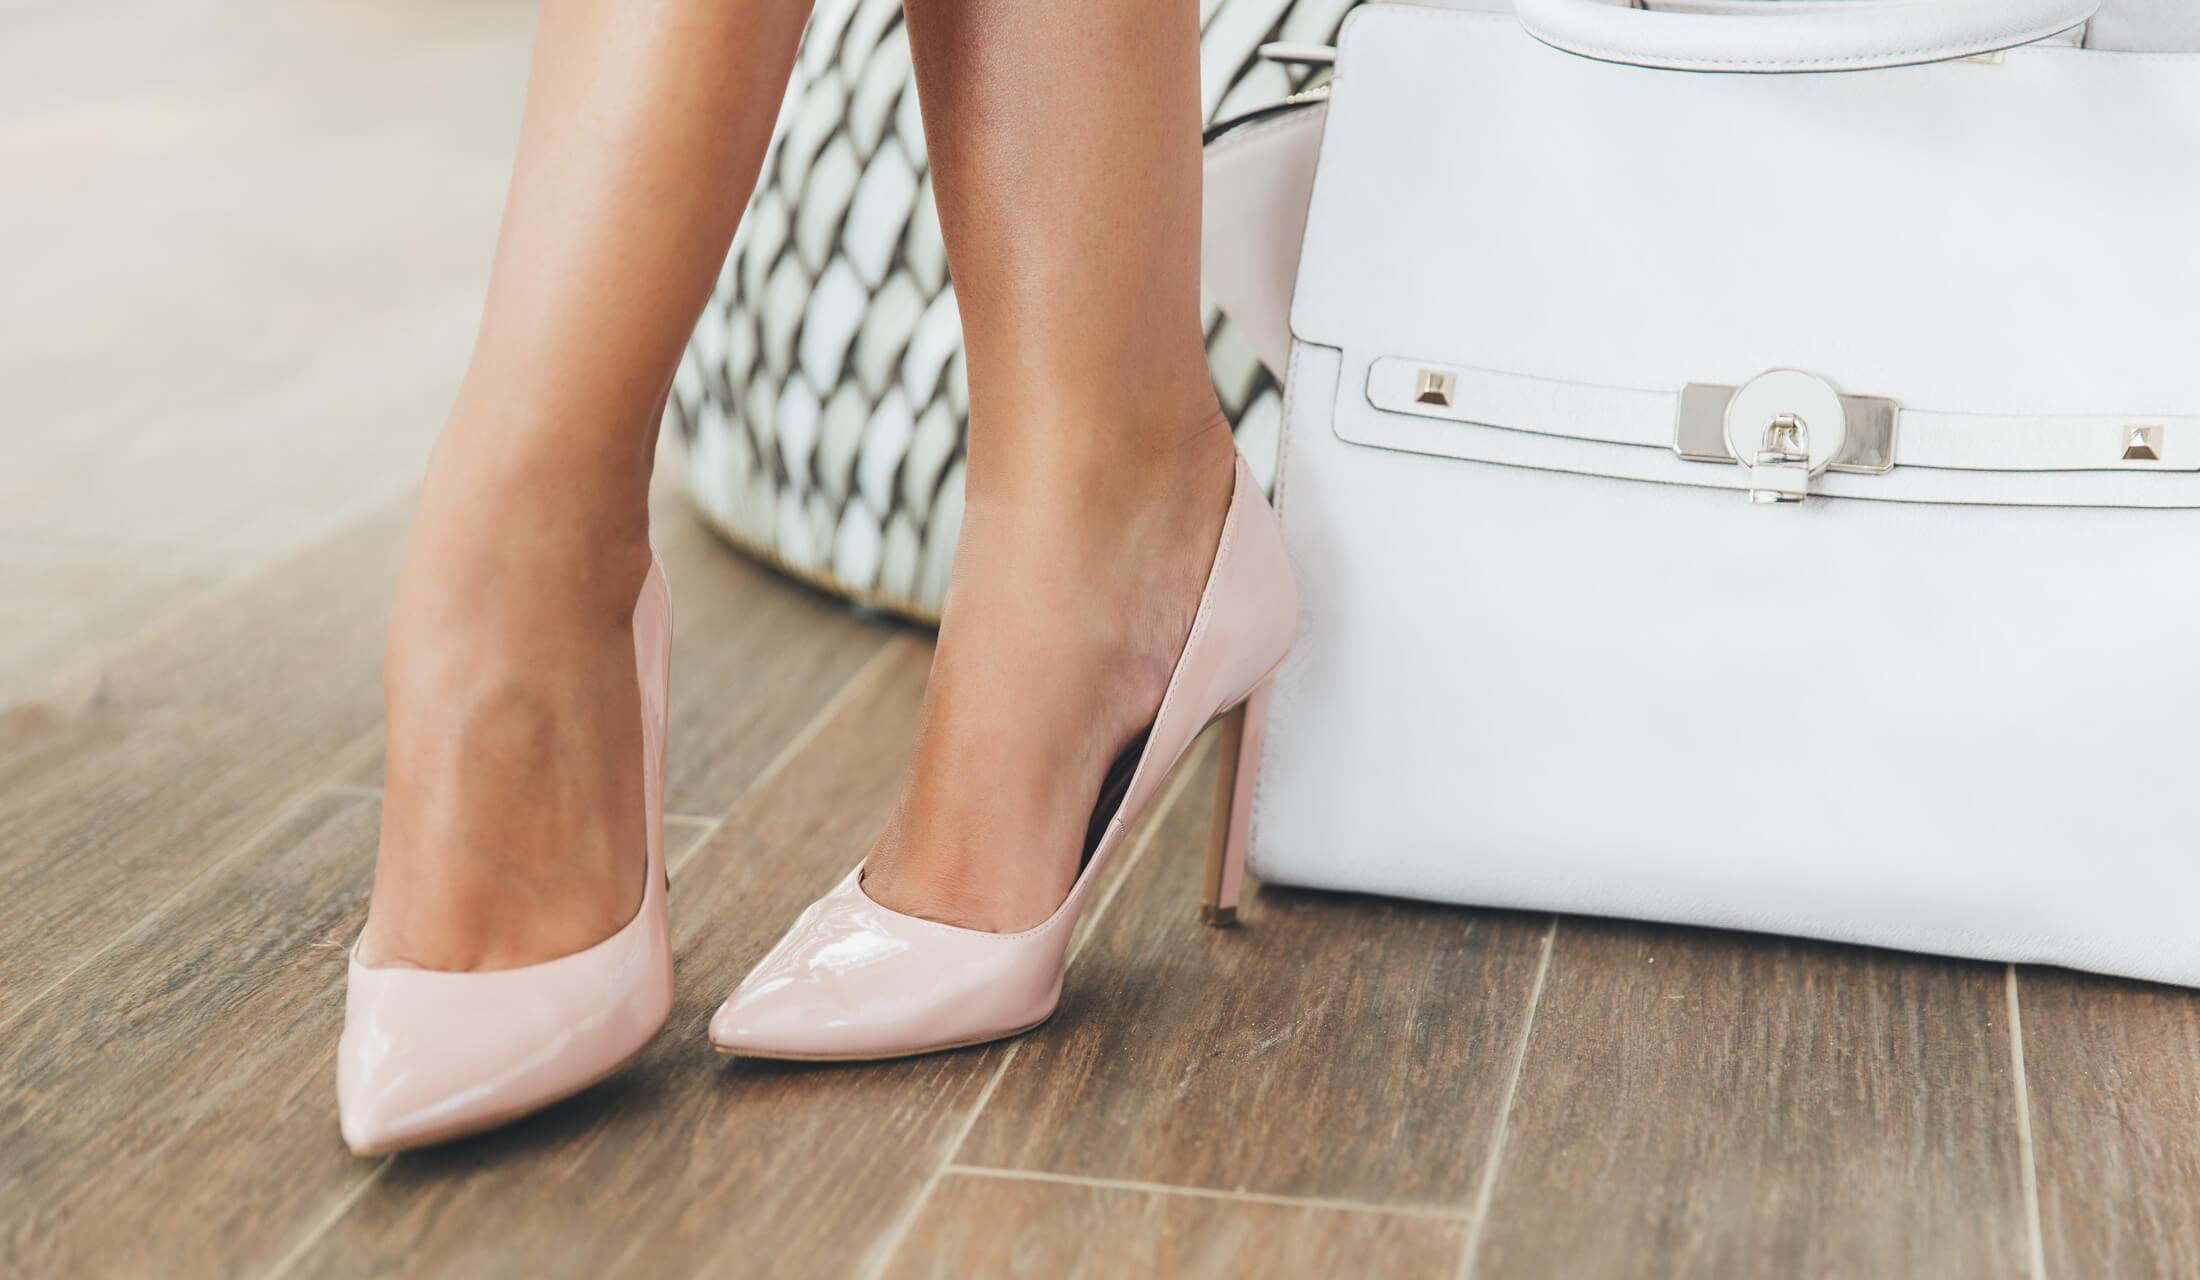 女性が白いカバンの横にベージュピンクのハイヒールを履いて足をクロスしている